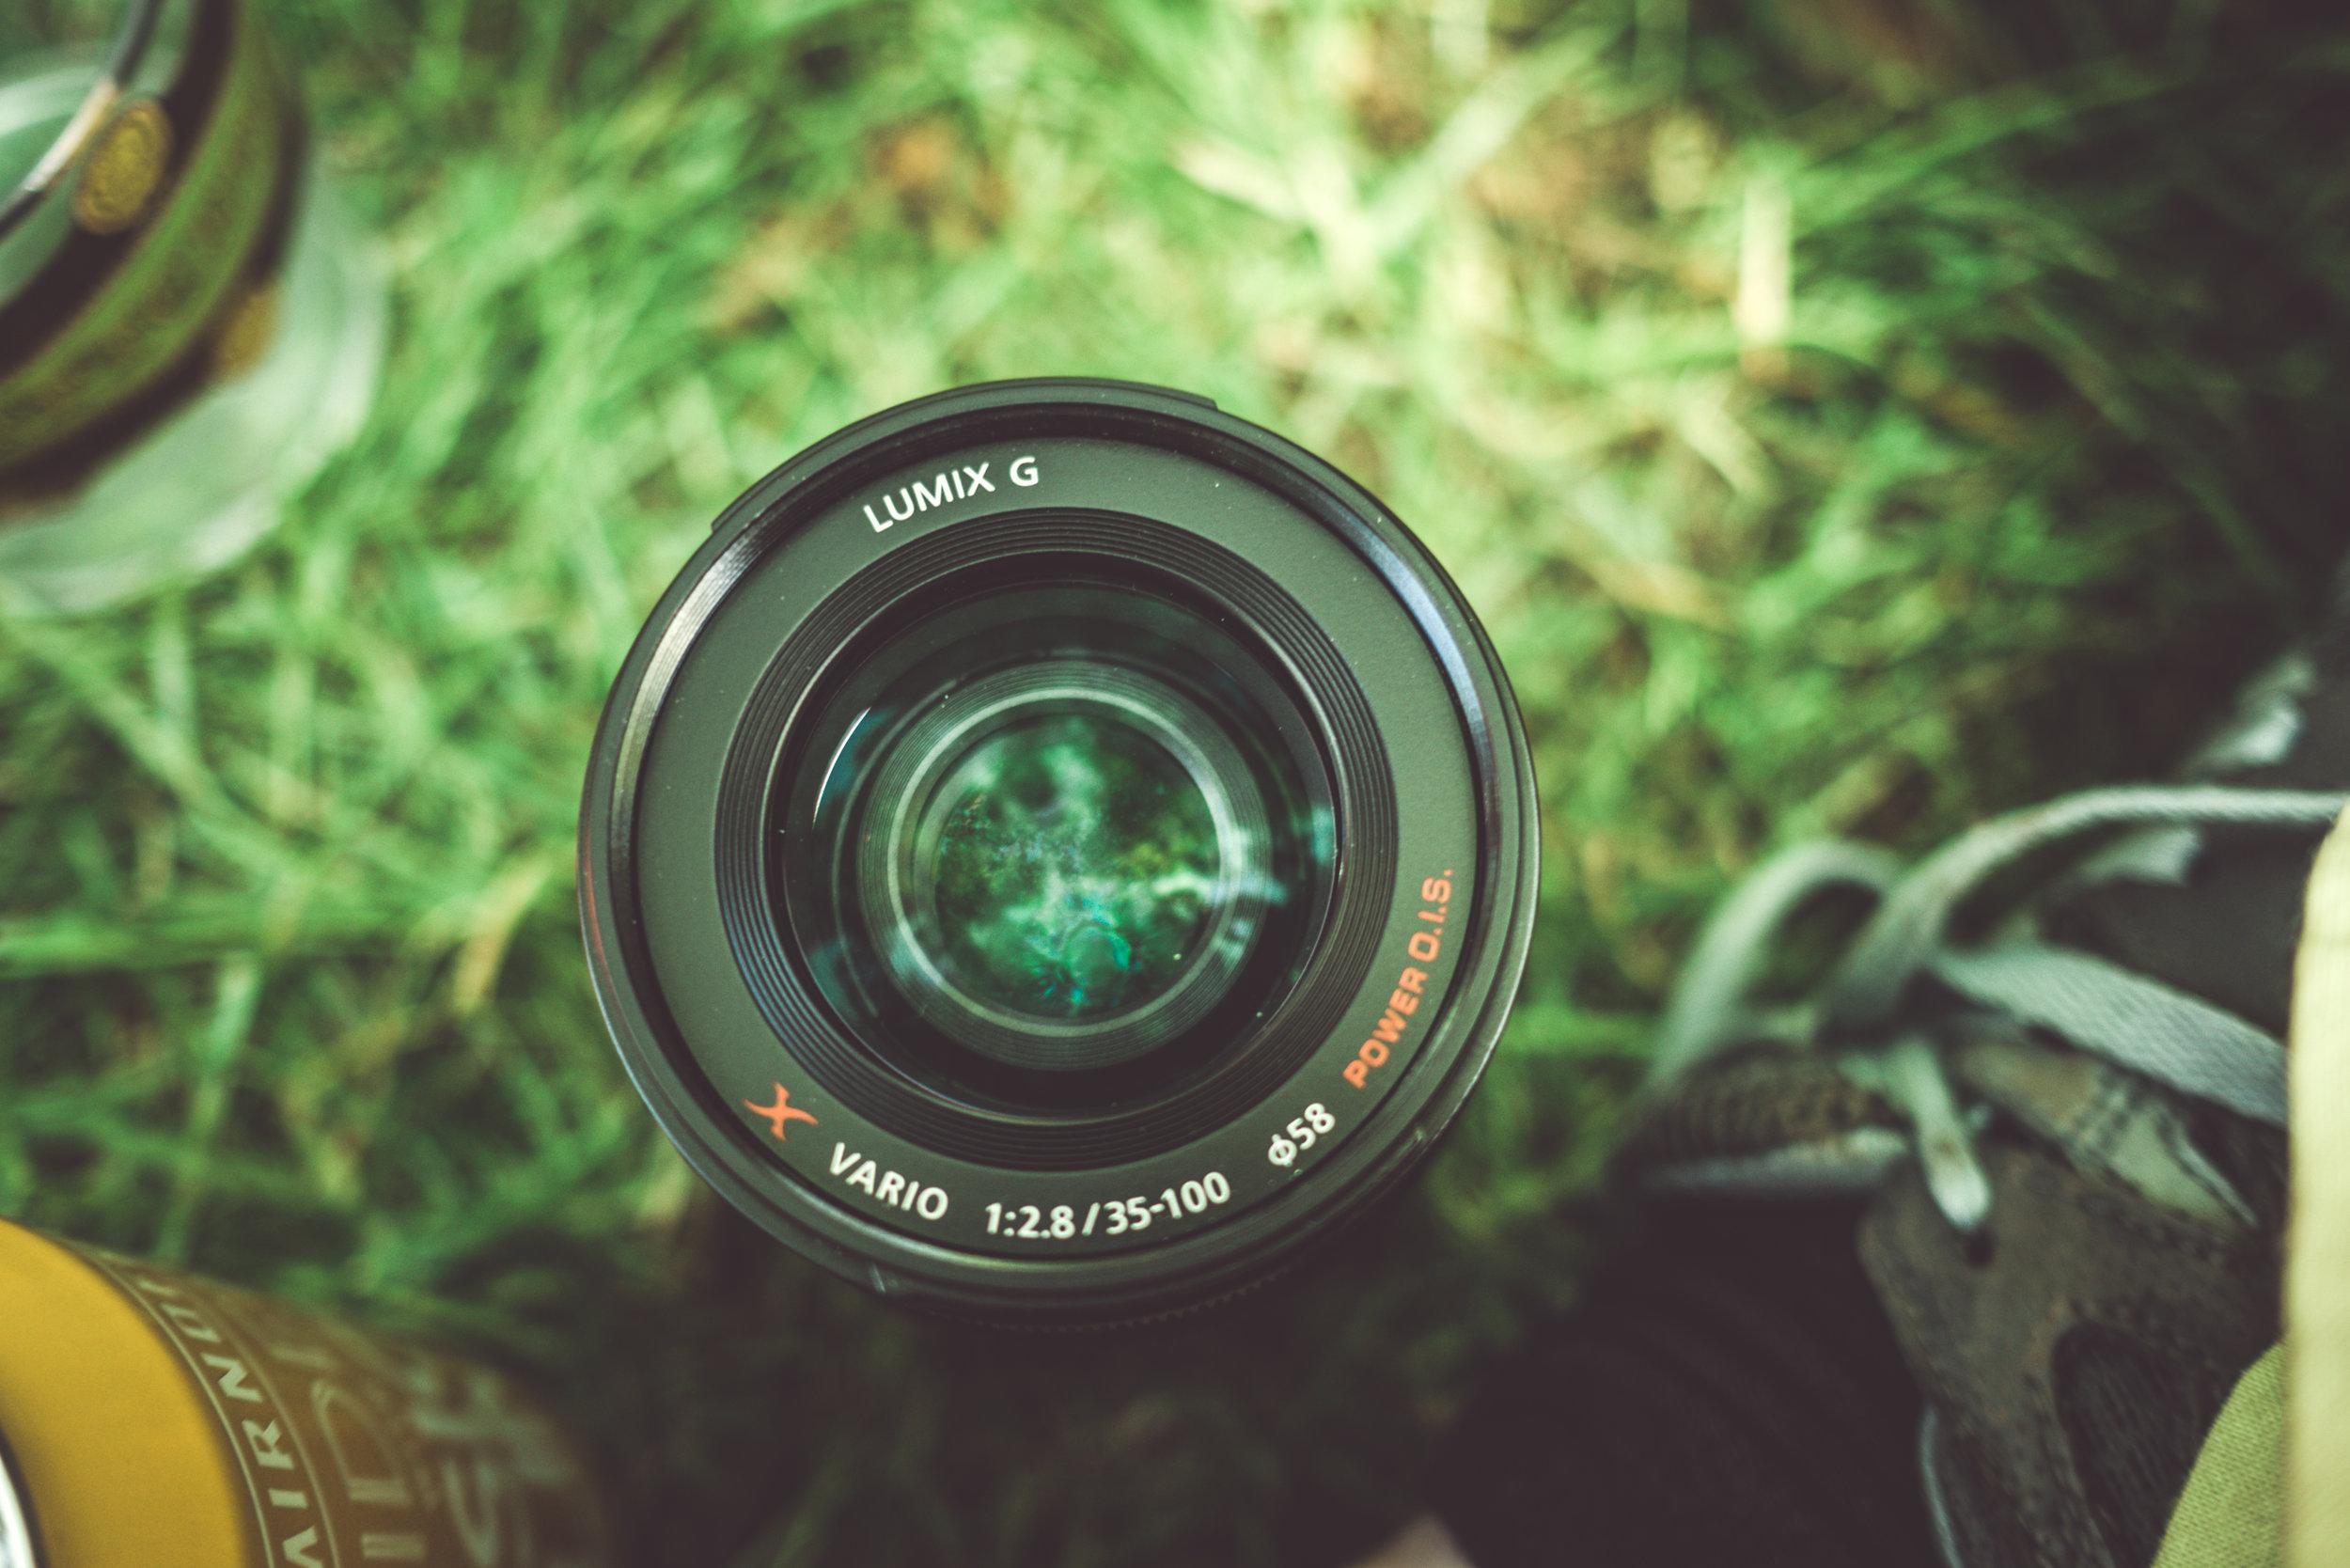 Lumix 35-100mm 2.8 - My zoom. My versatile portrait lens.